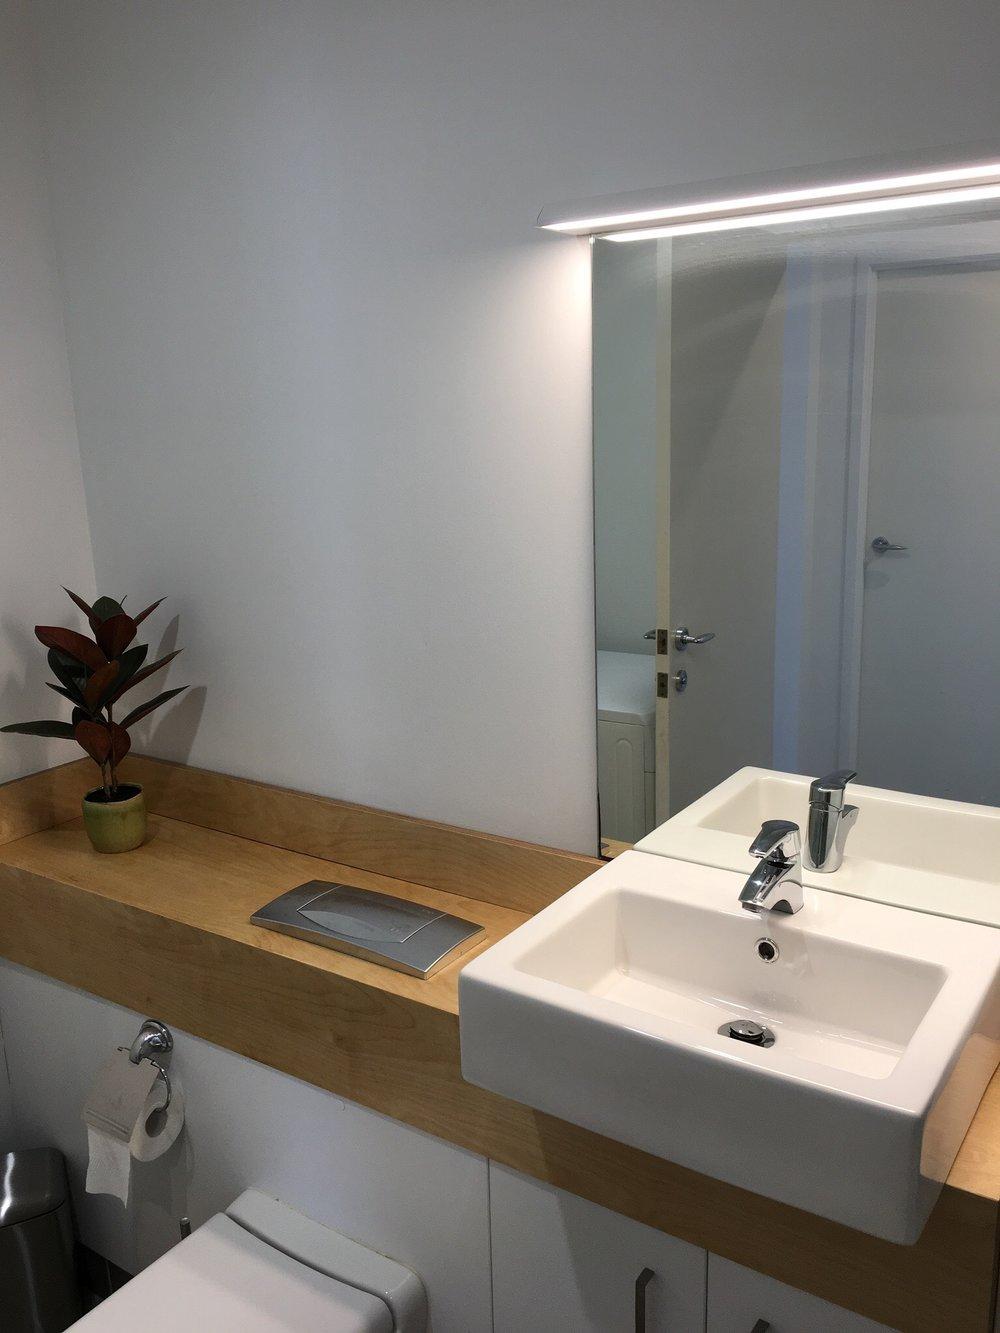 SA508 Bathroom IMG_5372.jpeg